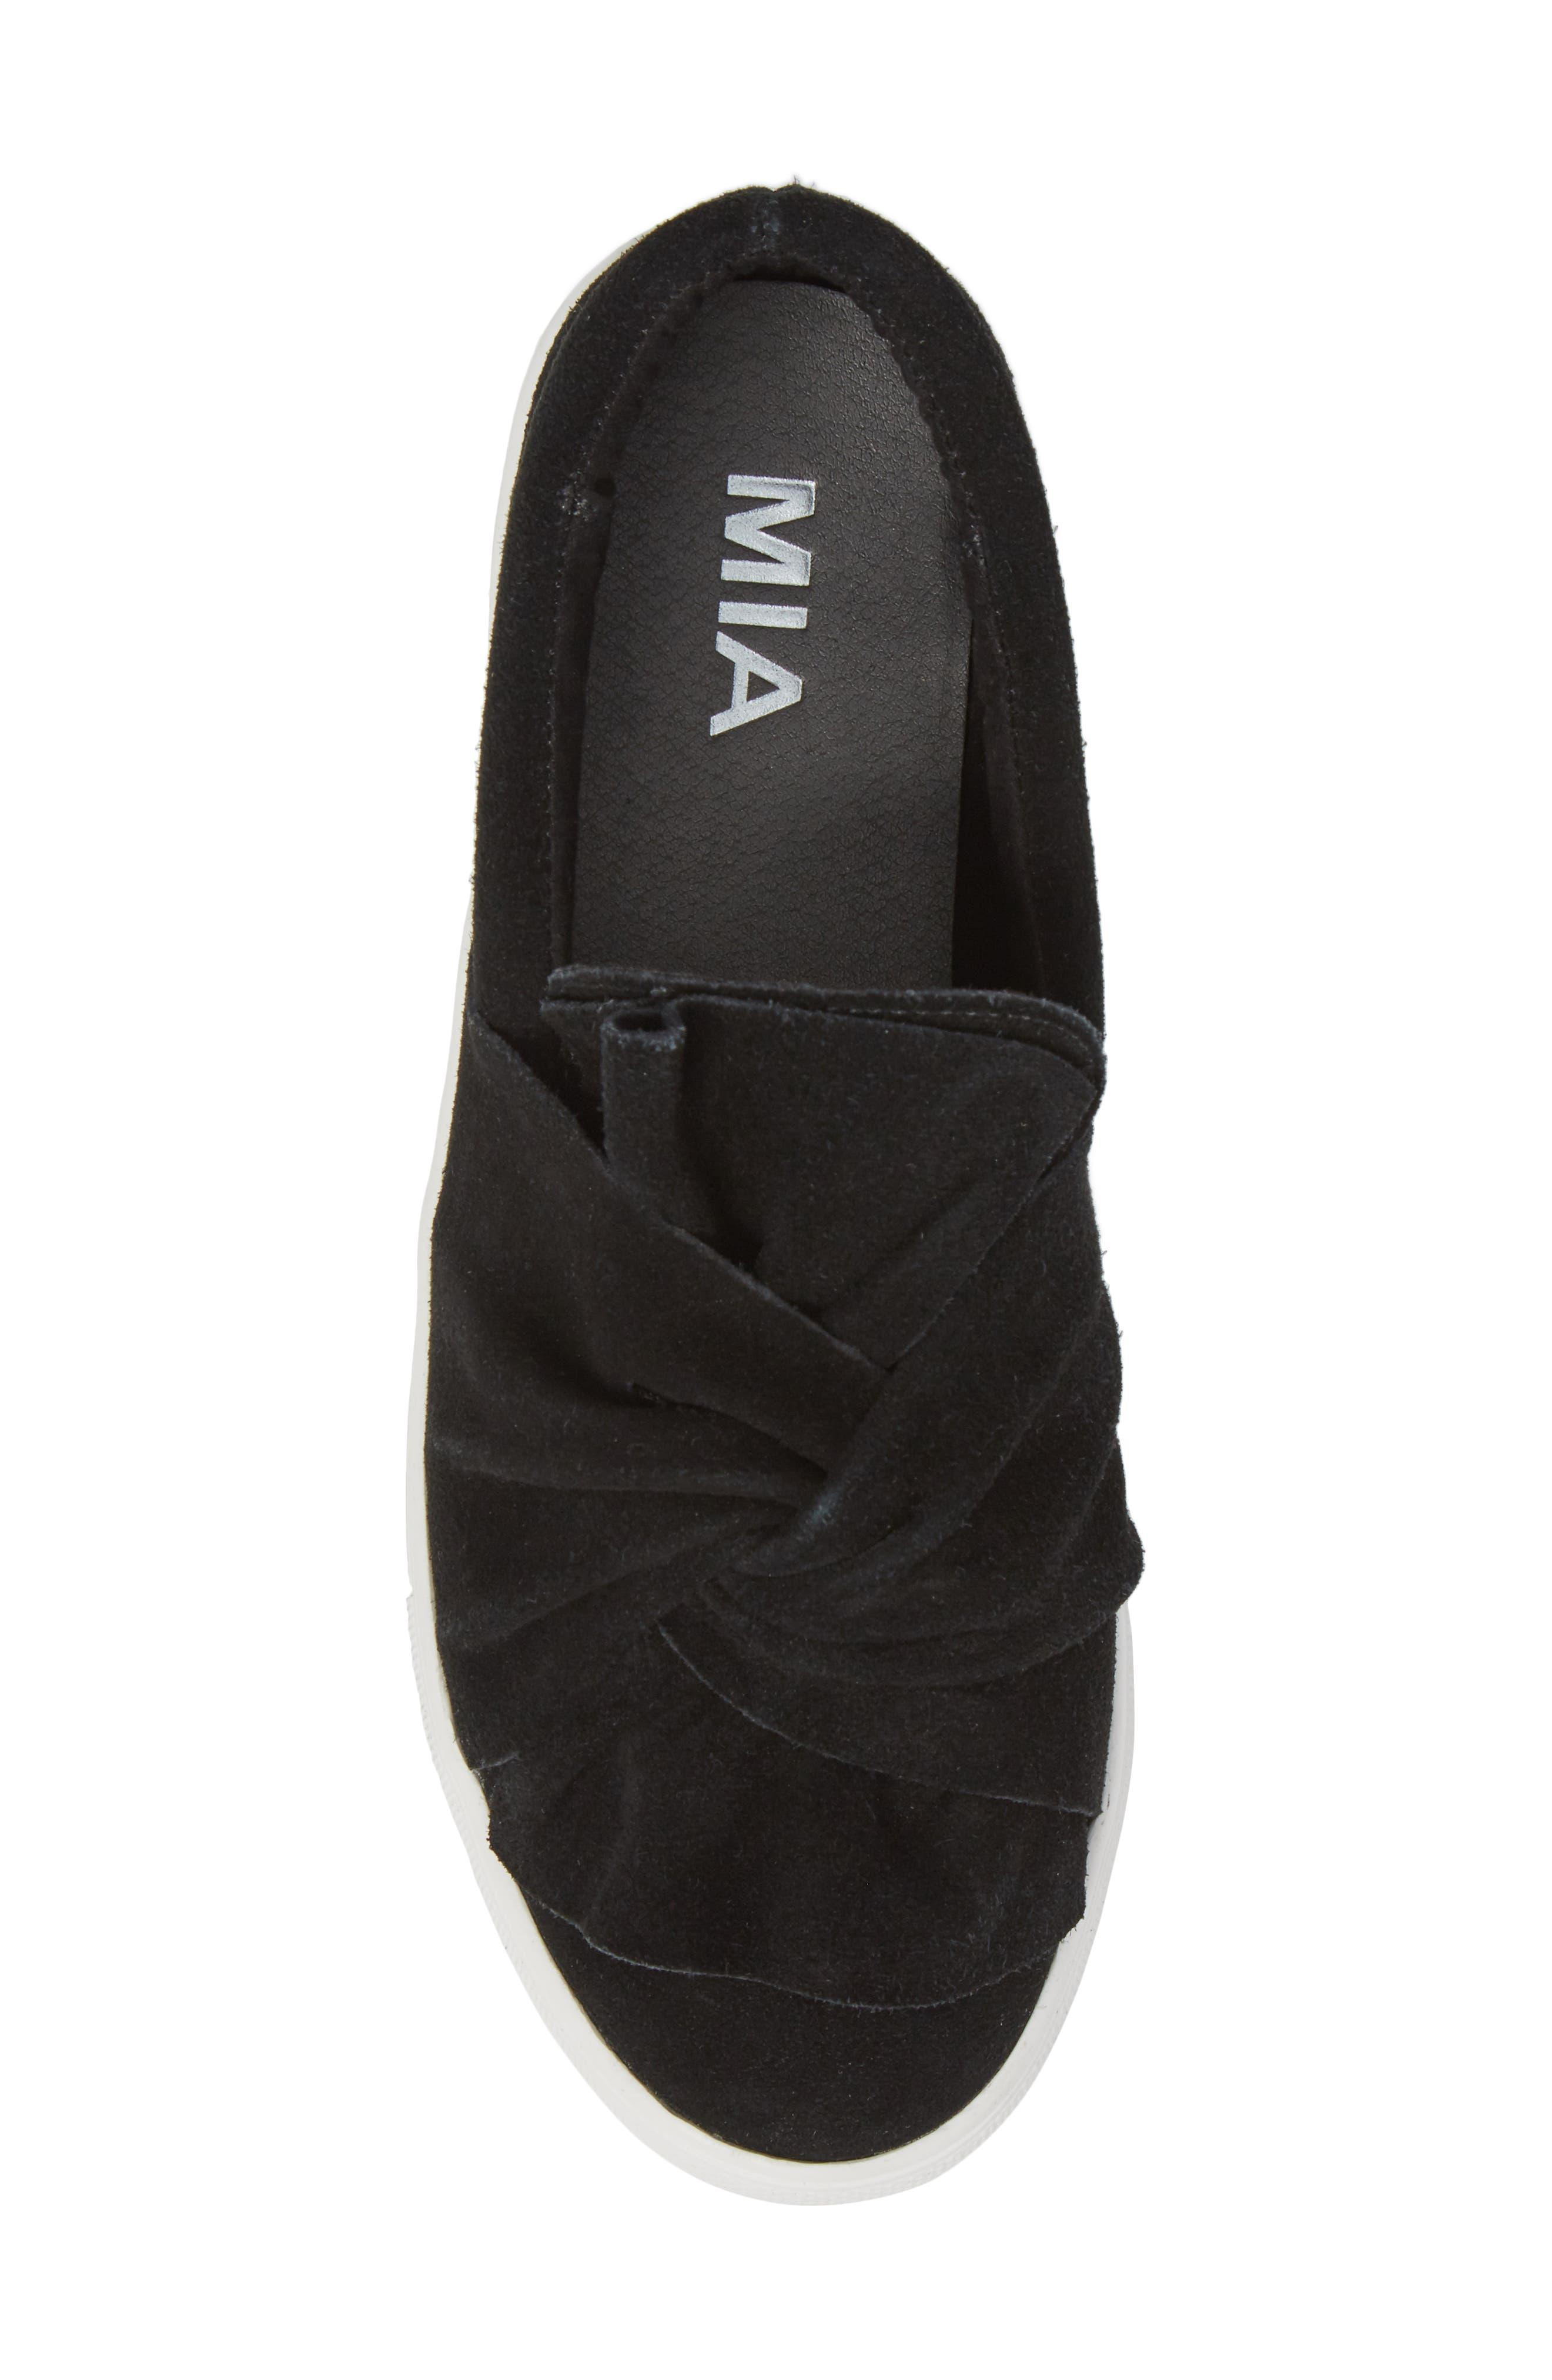 Zahara Slip-On Sneaker,                             Alternate thumbnail 5, color,                             001